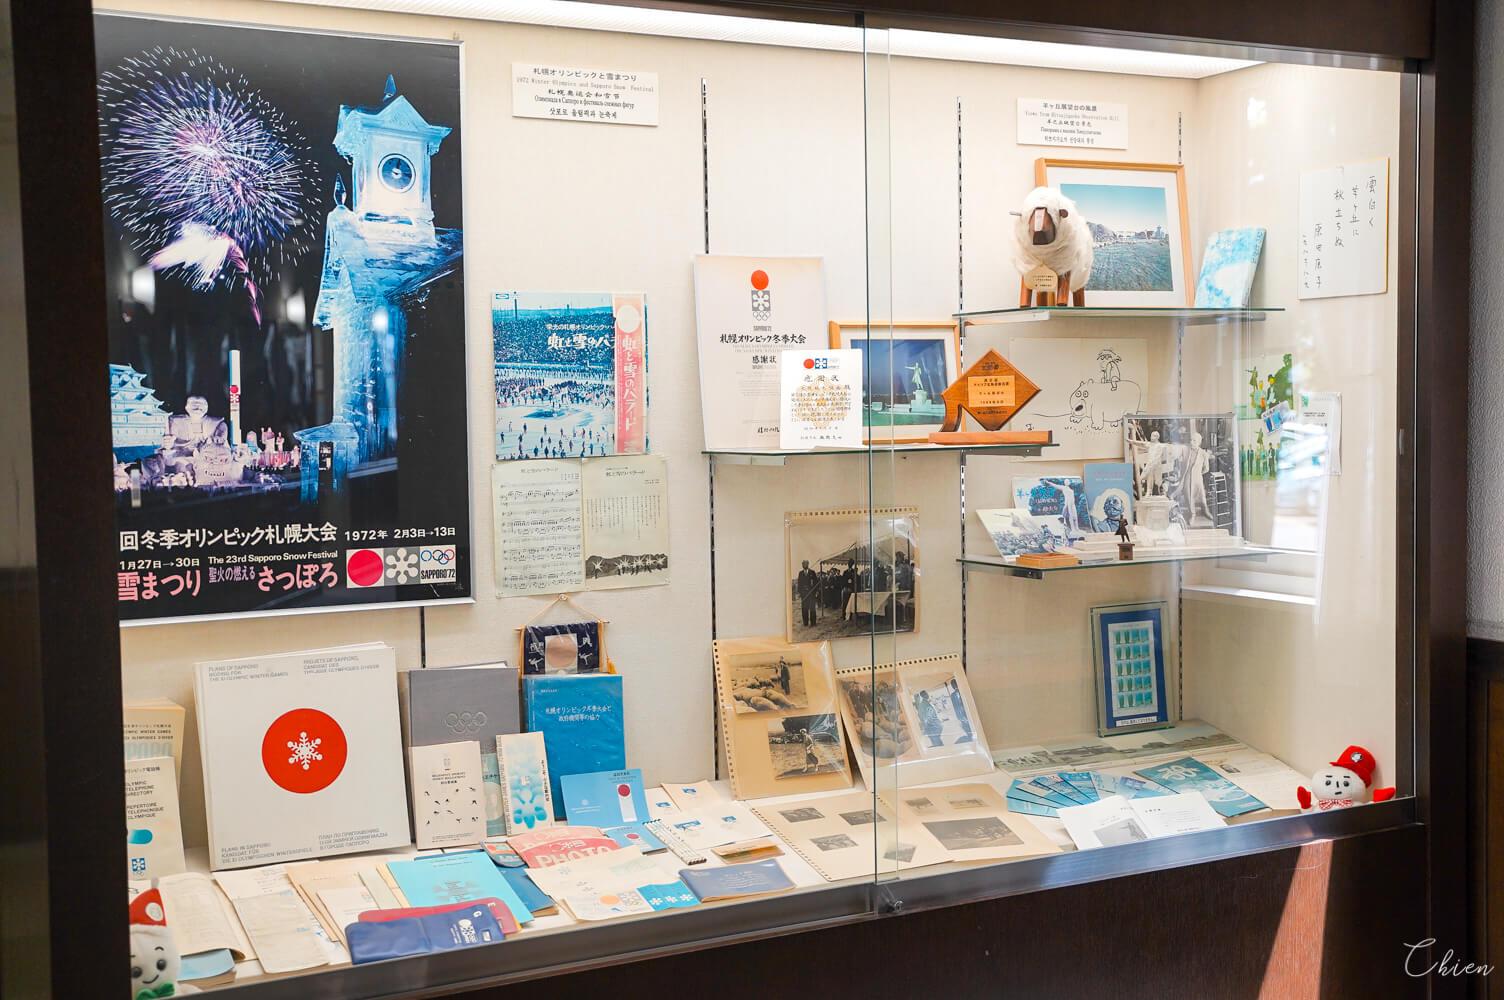 札幌冰雪節資料館 2